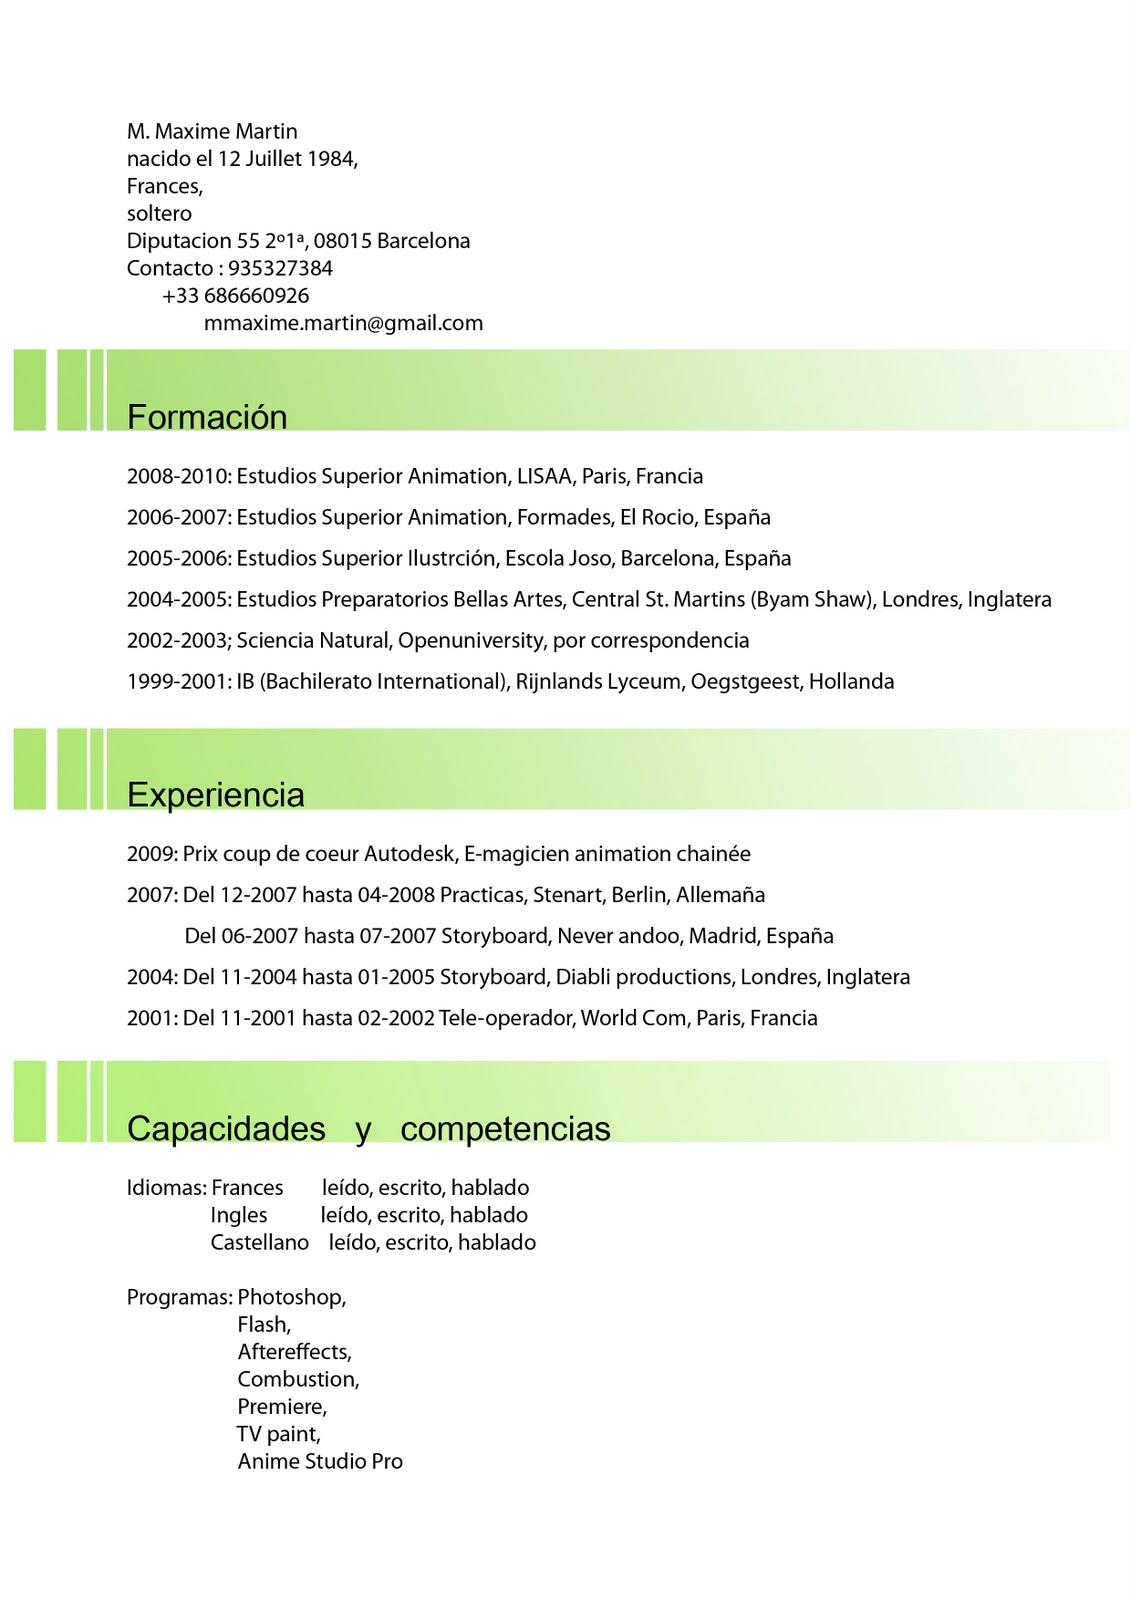 course for curriculum vitae